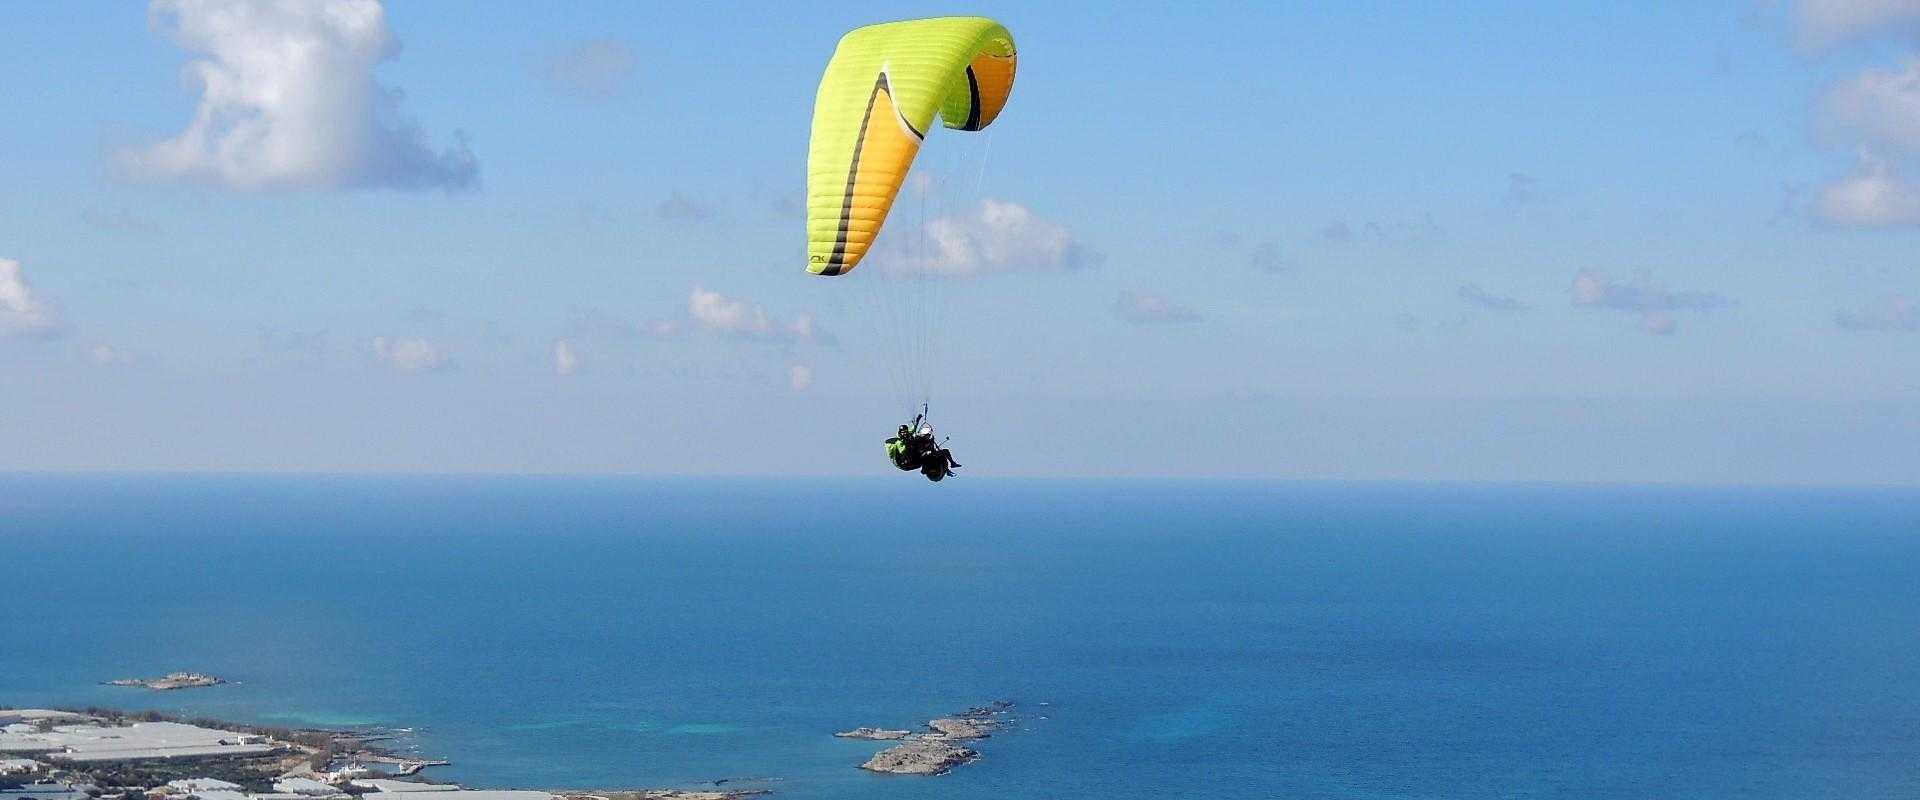 Πτήσεις με αλεξίπτωτο πλαγιάς στην Κρήτη